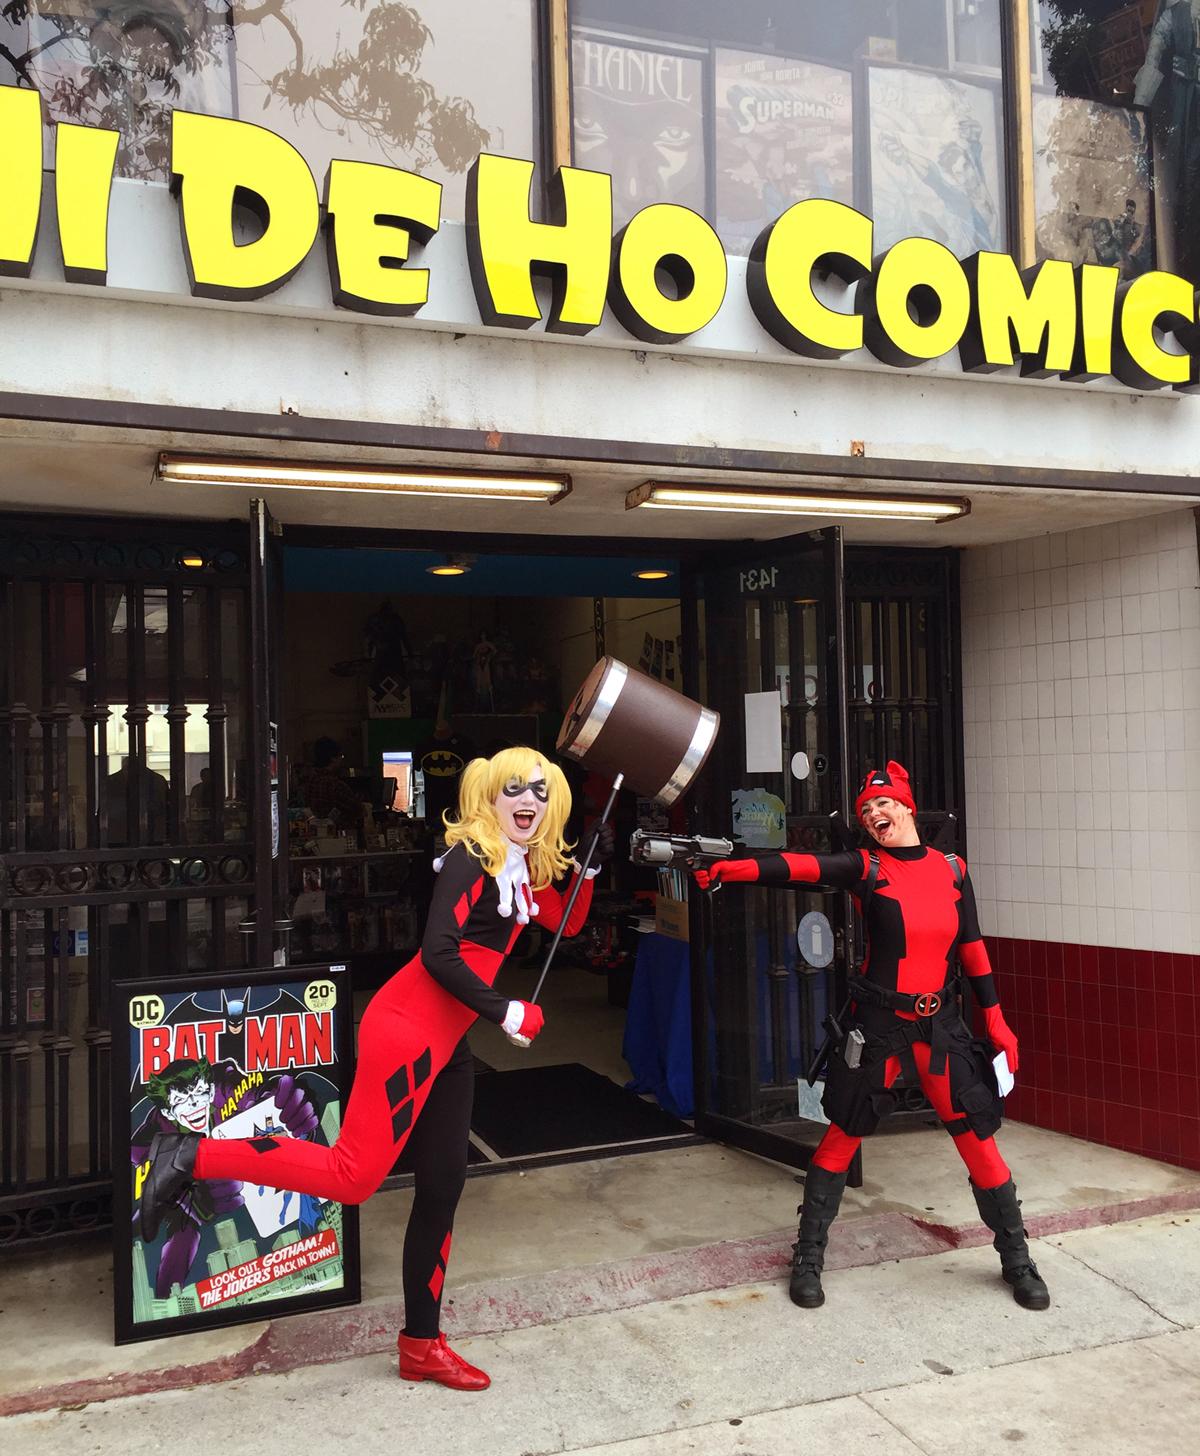 hi de ho comics vendors buy local santa monica. Black Bedroom Furniture Sets. Home Design Ideas